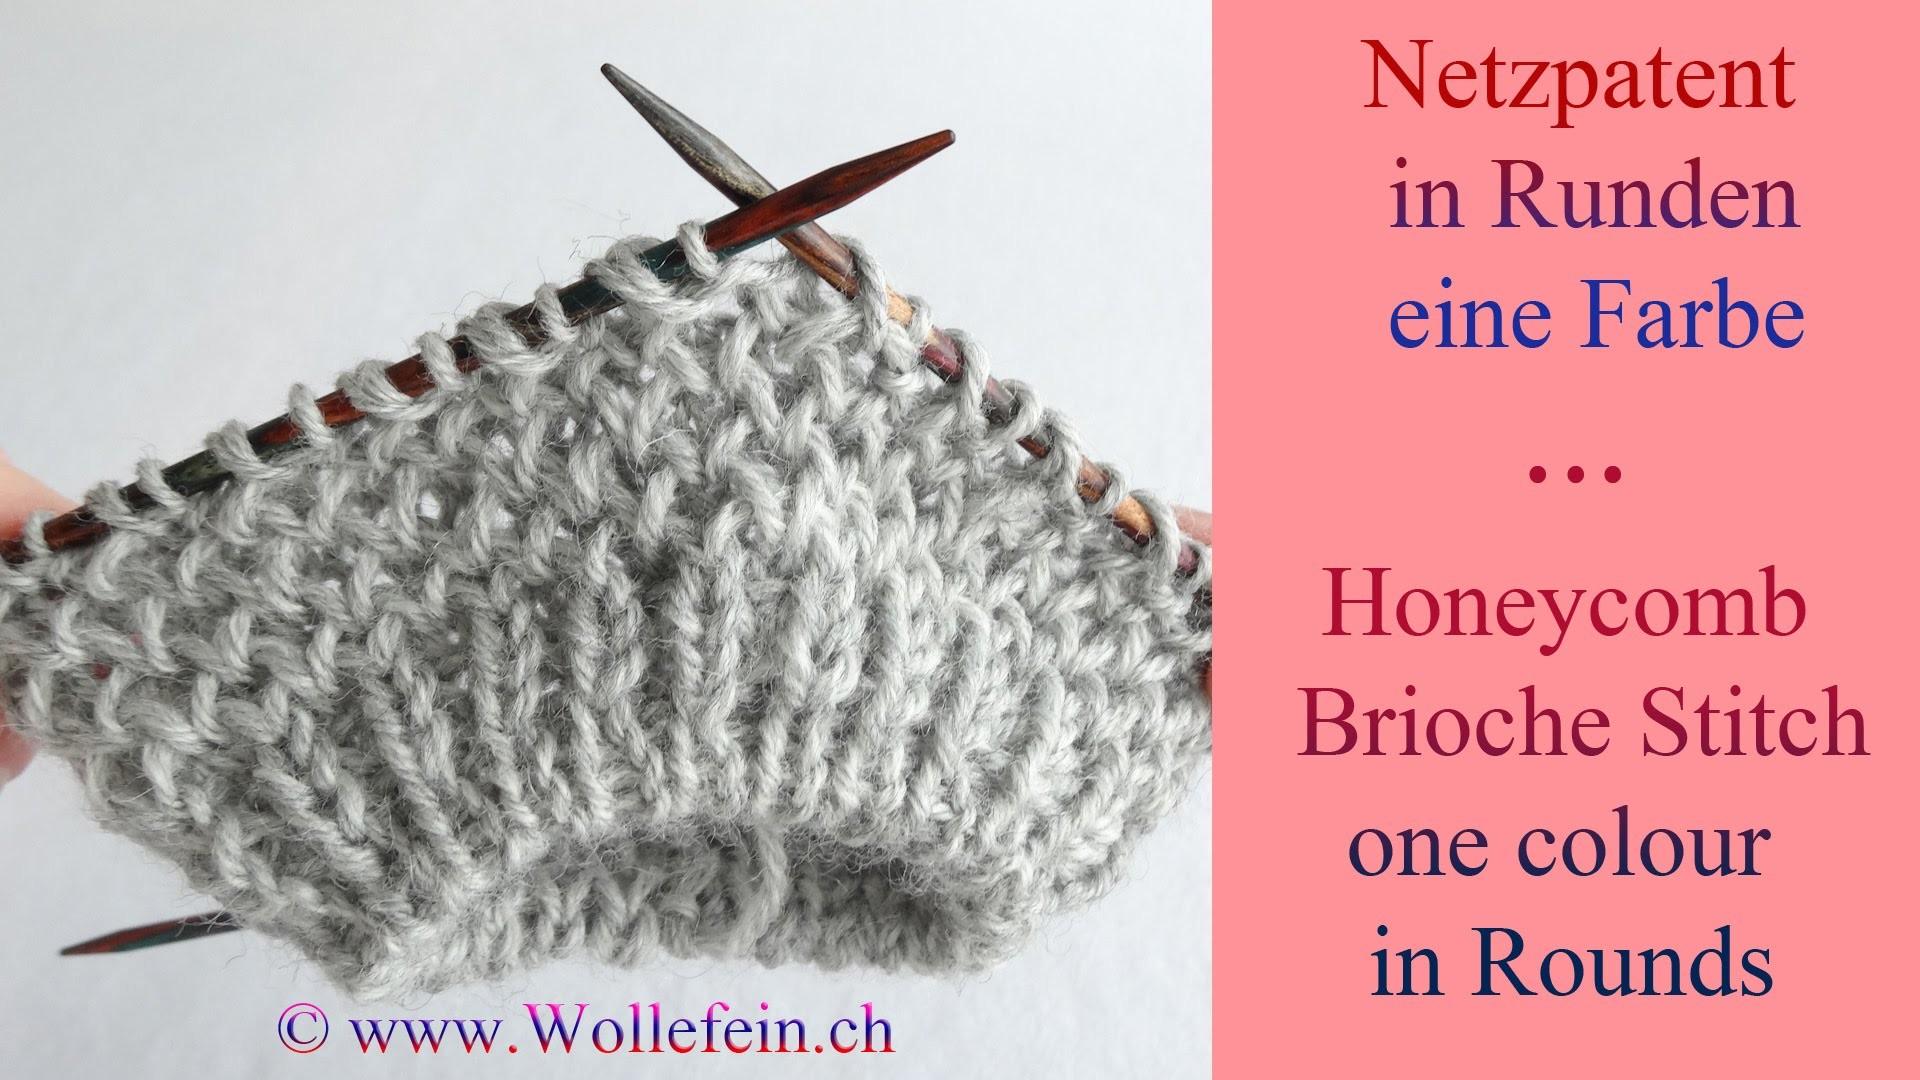 Netzpatent in Runden eine Farbe - Honeycomb Brioche Stitch in Rounds one colour